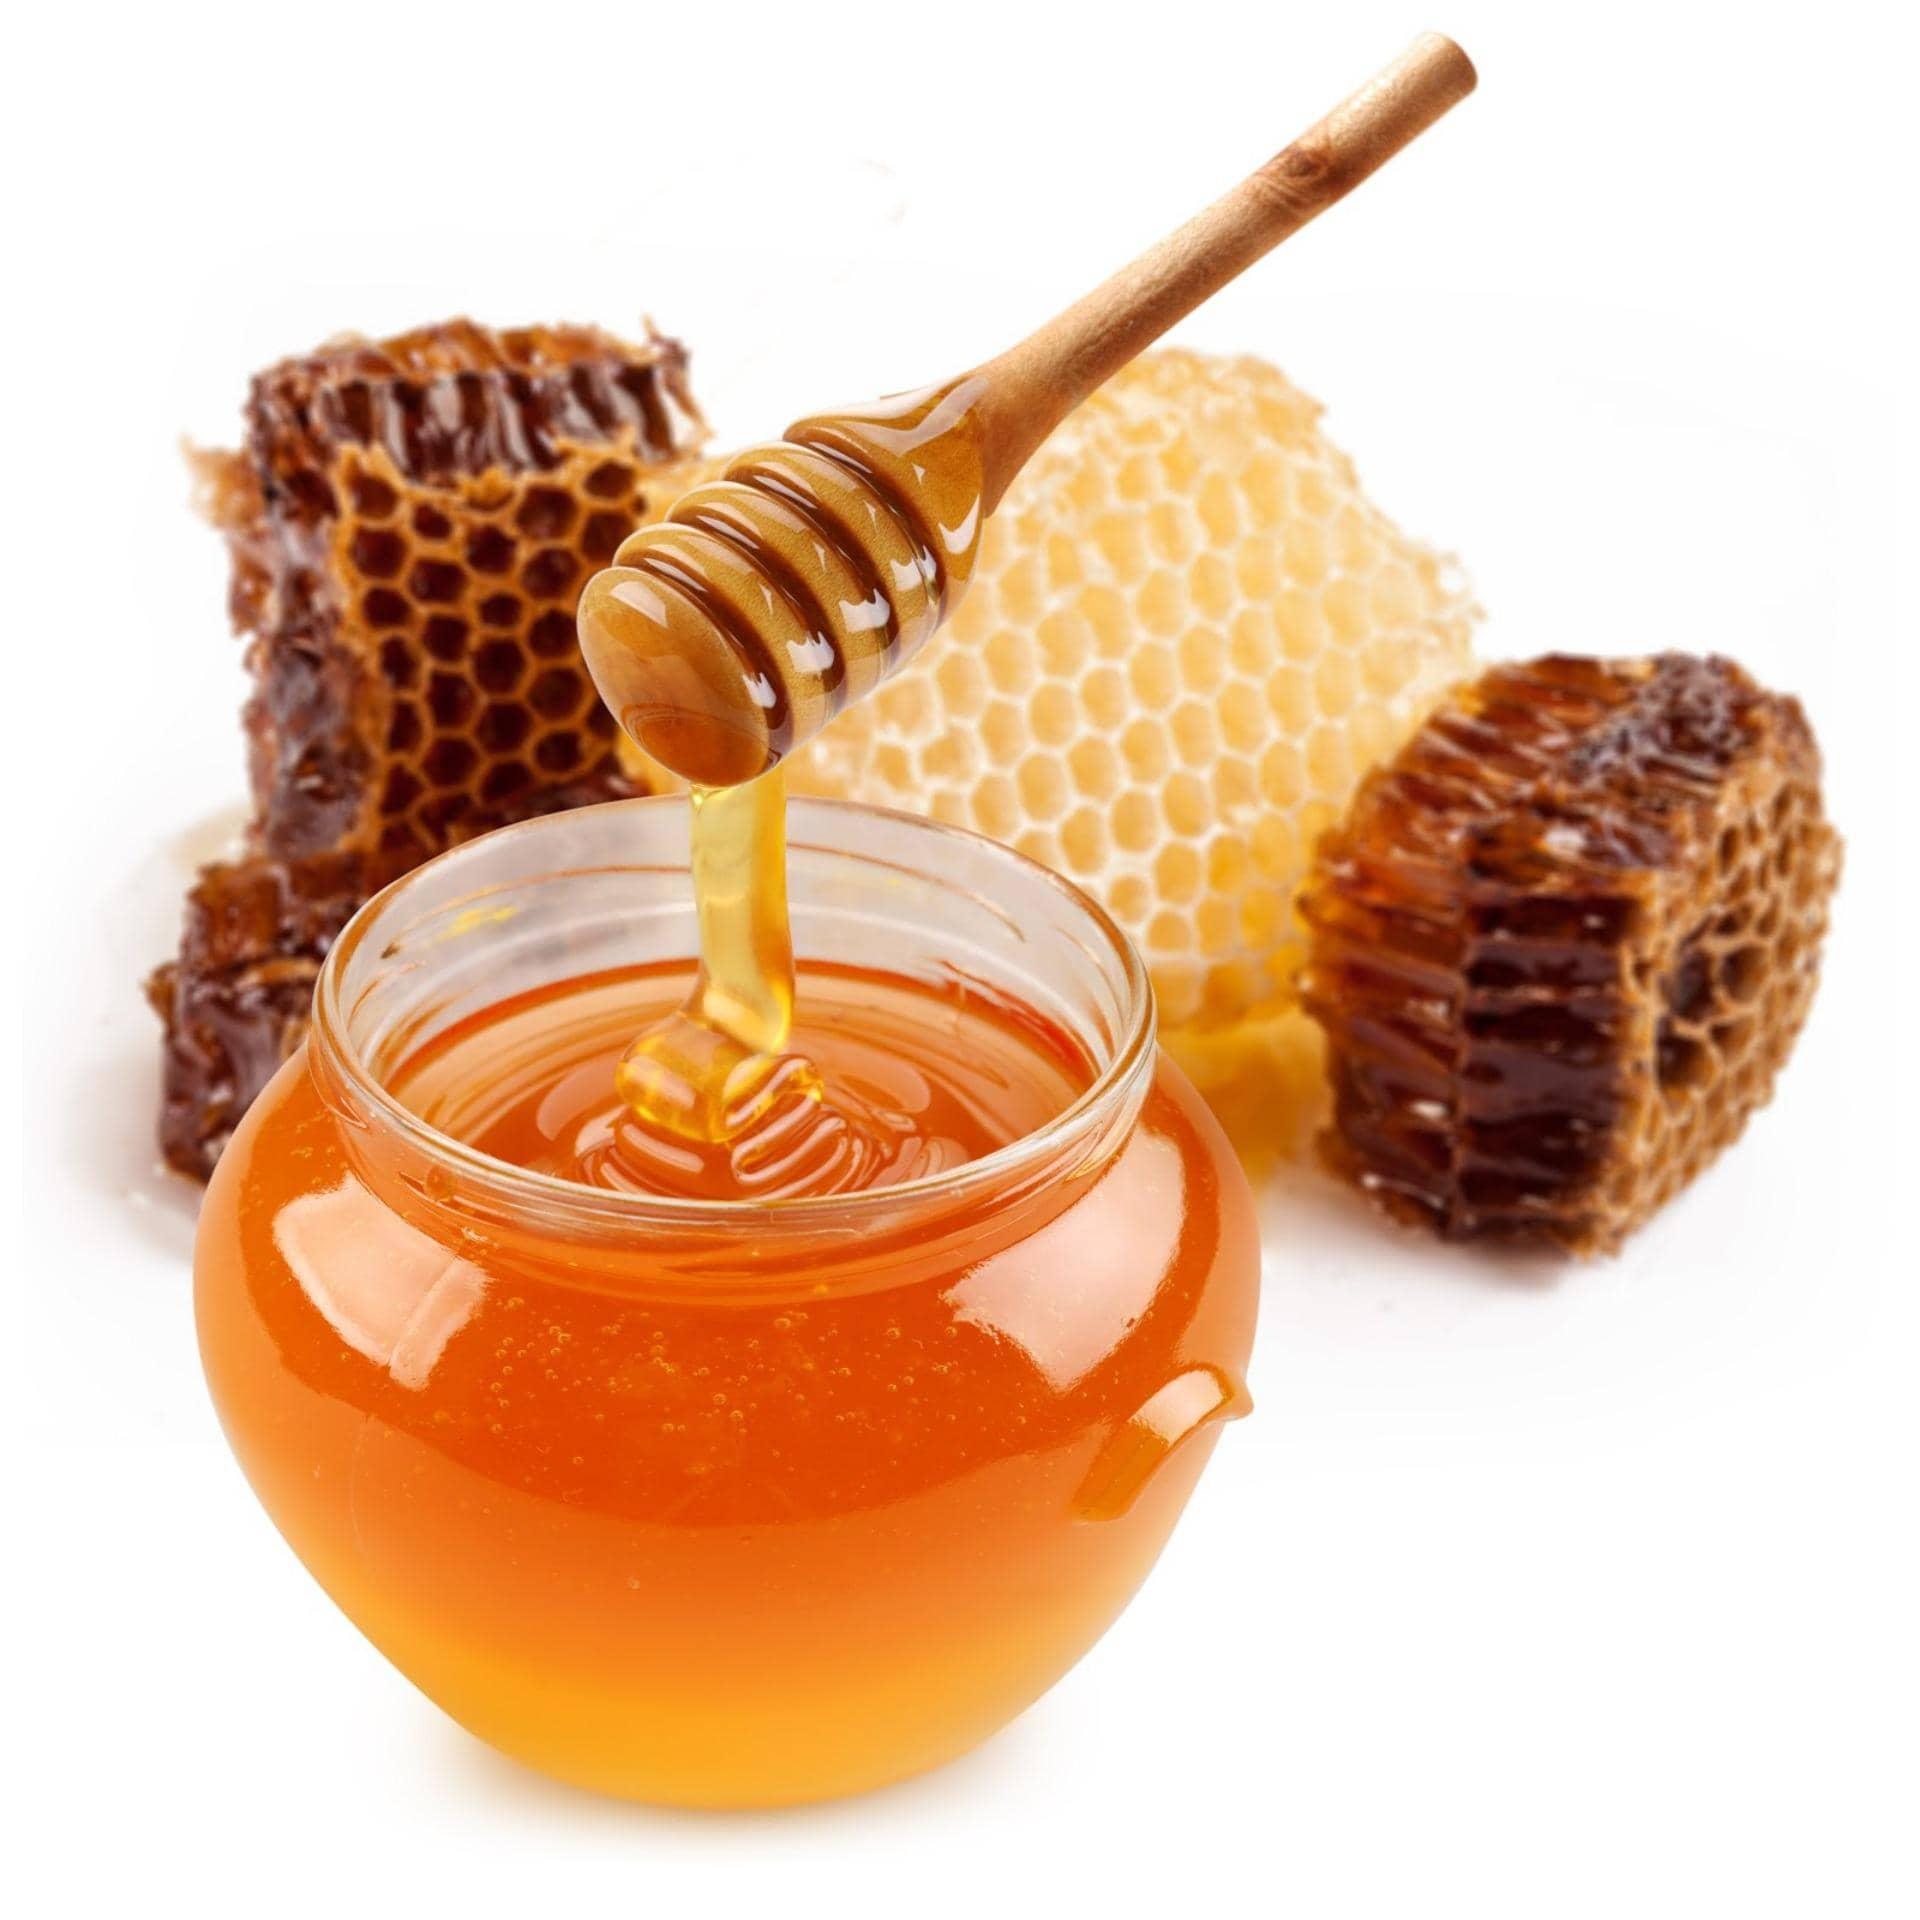 mật ong rừng trong như thế nào